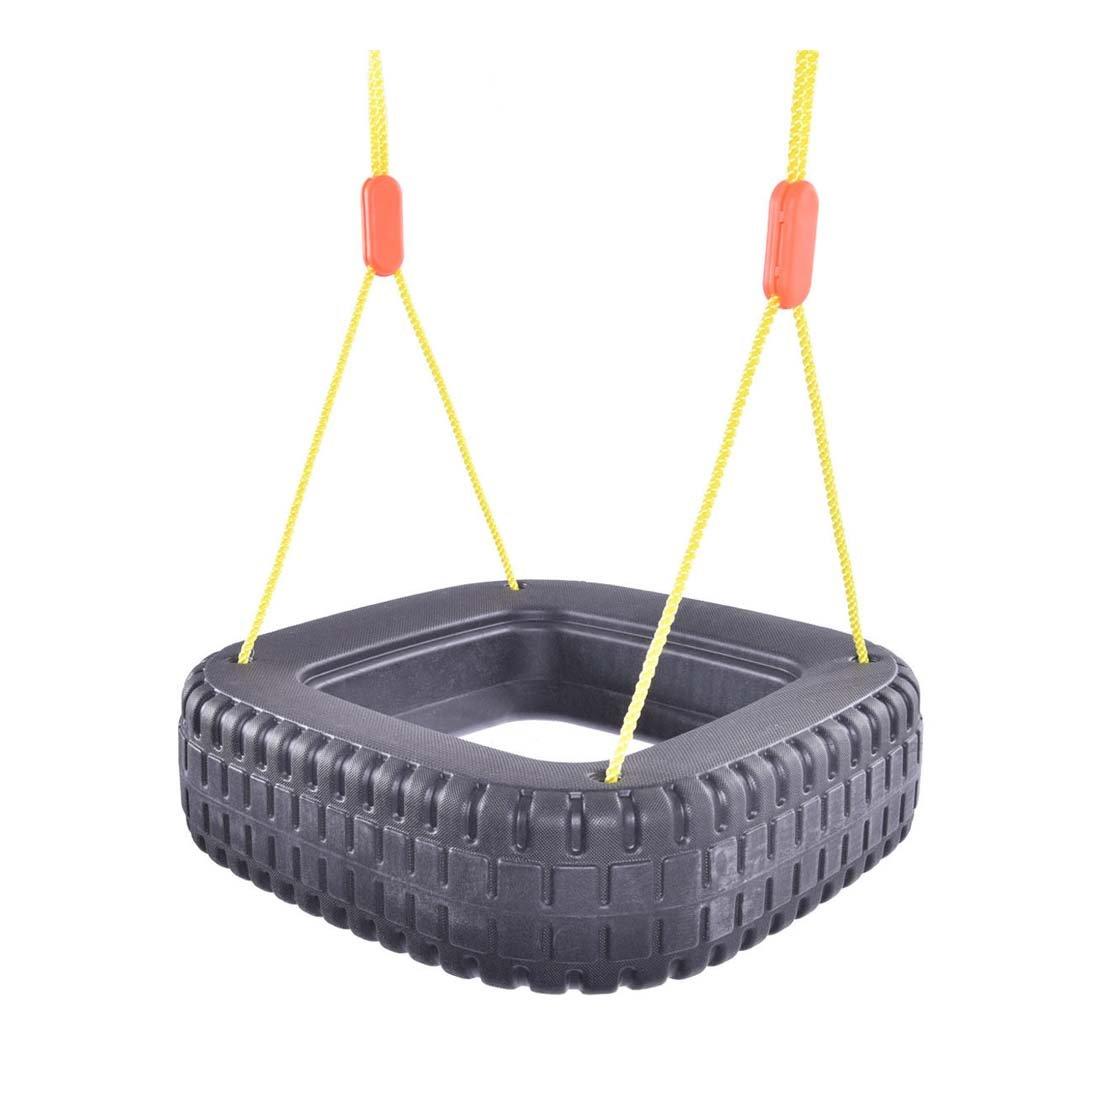 クラシックタイヤスイング2キッズ子供アウトドア再生丈夫裏庭スイングセット – 重量容量: 110 lbs B0744KKGN4